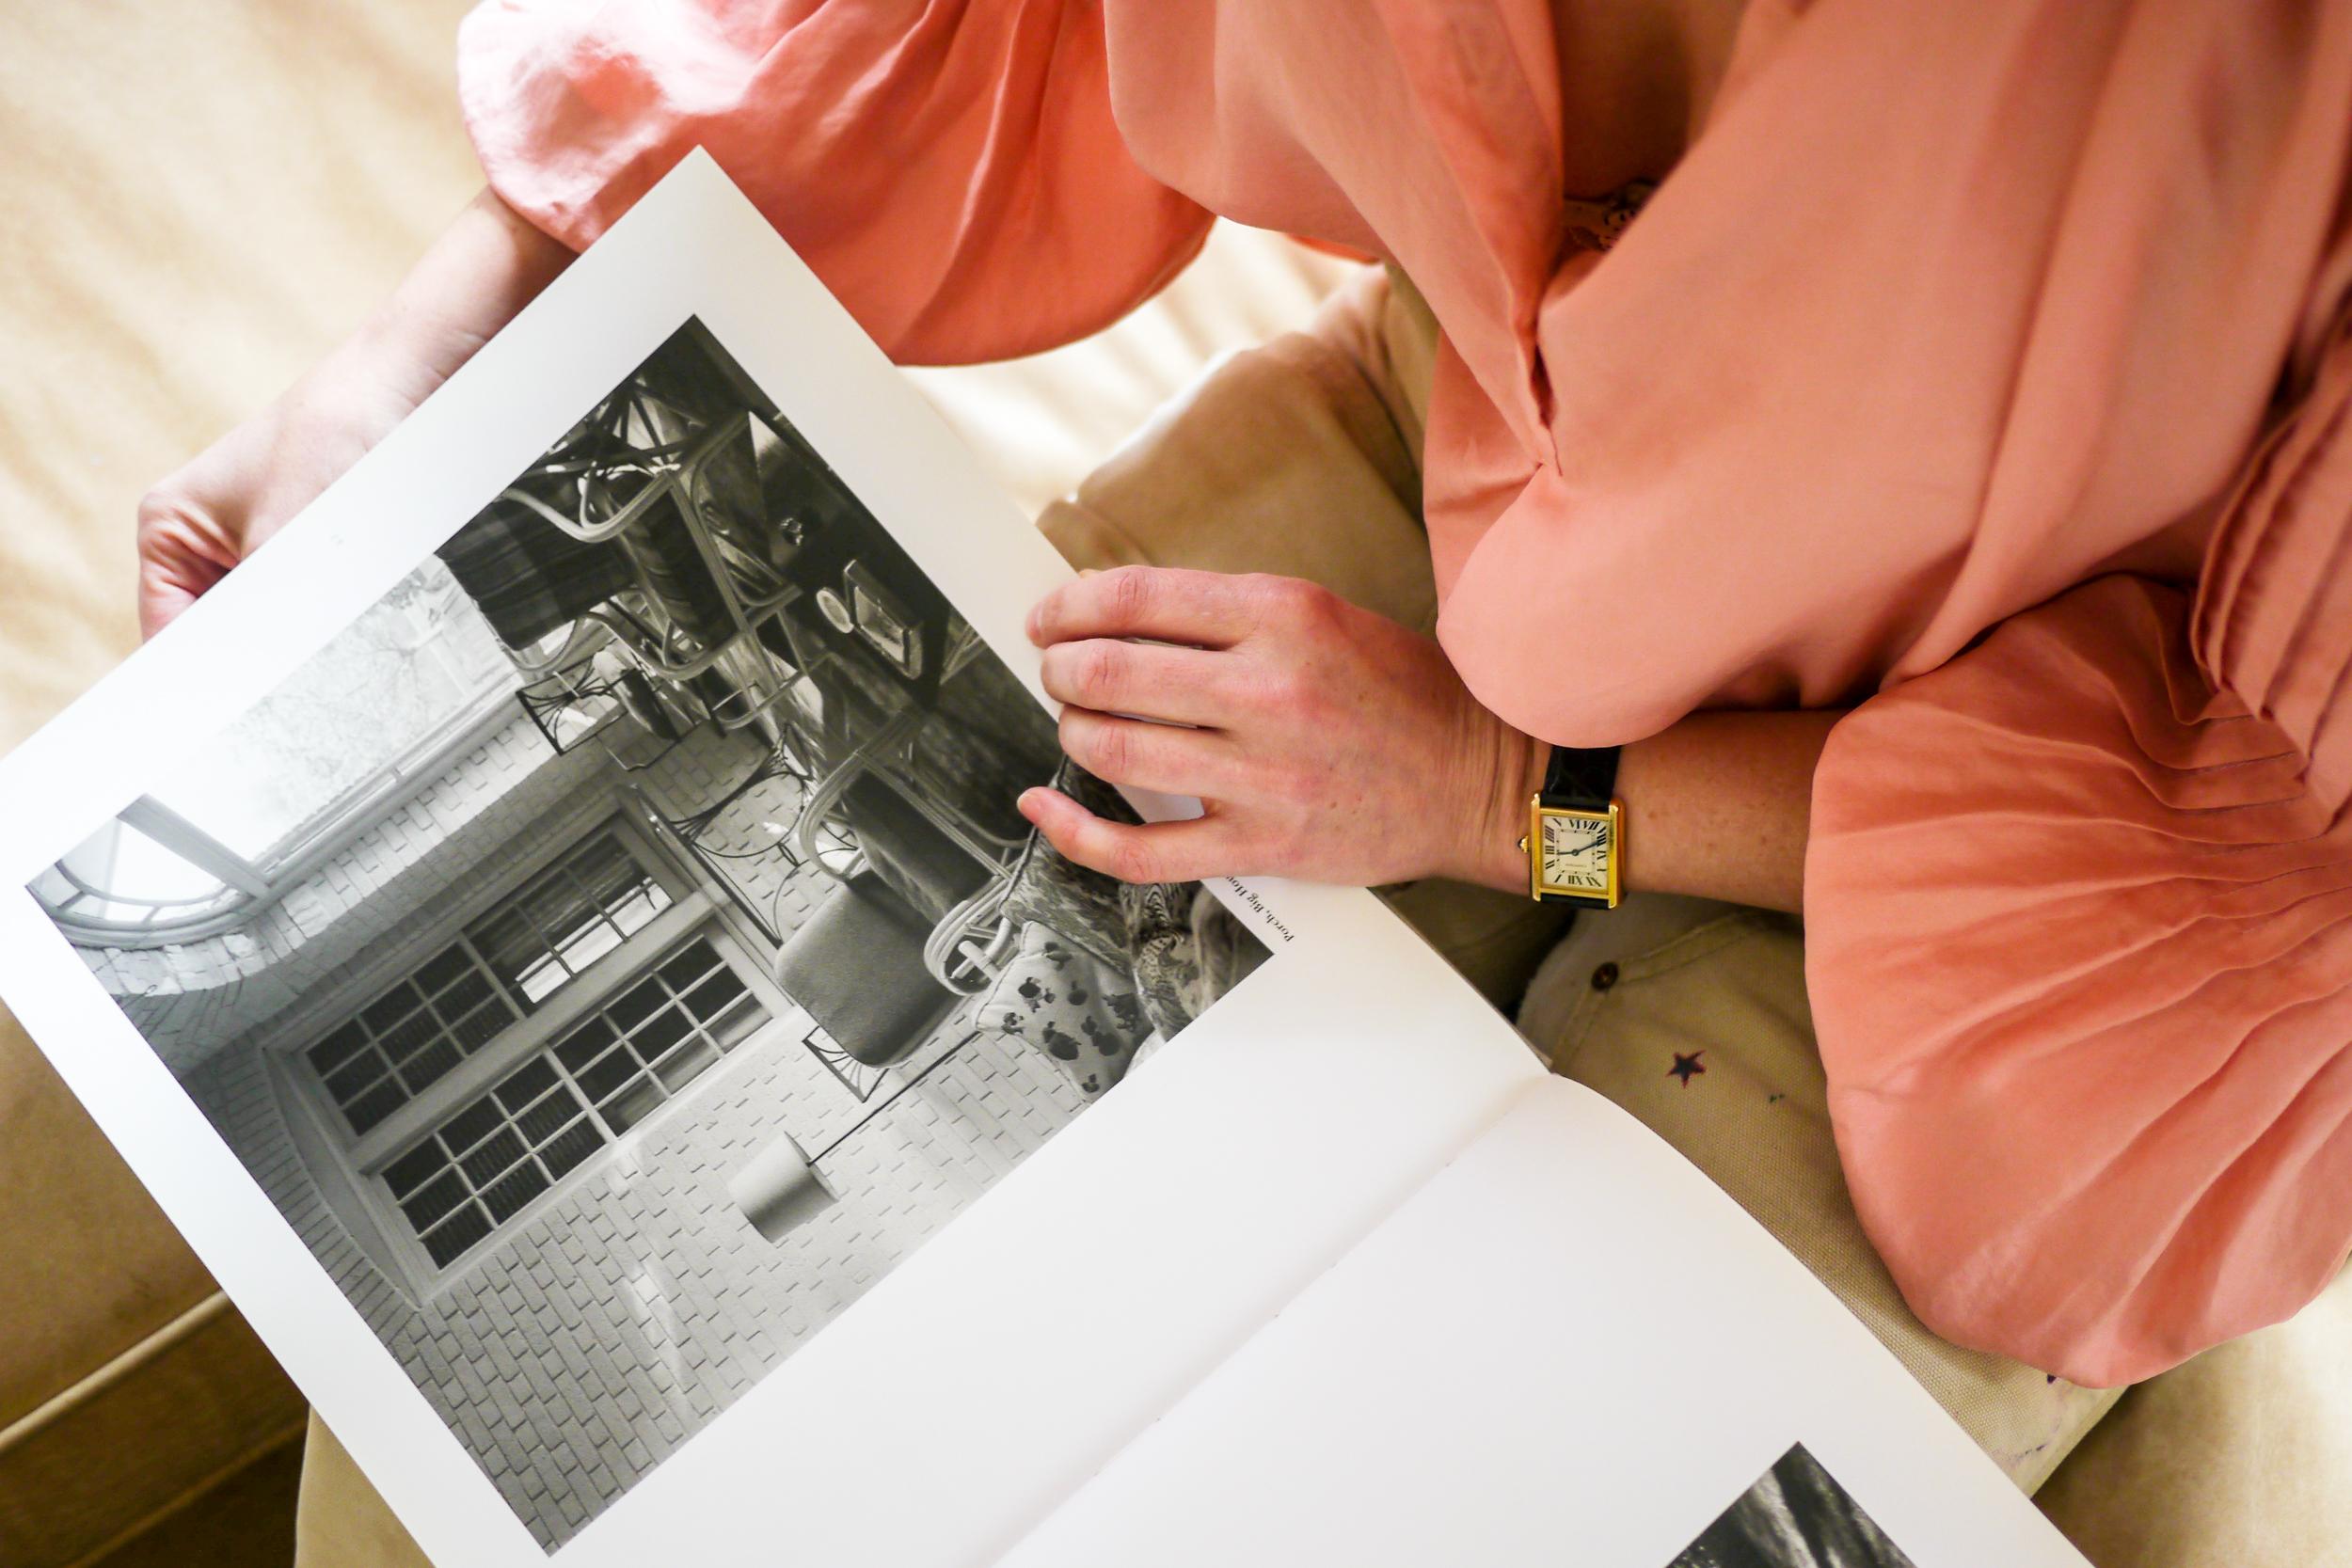 Outfit Details:    Shirt, APiece Apart   ;    Pants, Carhartt   ;    Watch, Cartier